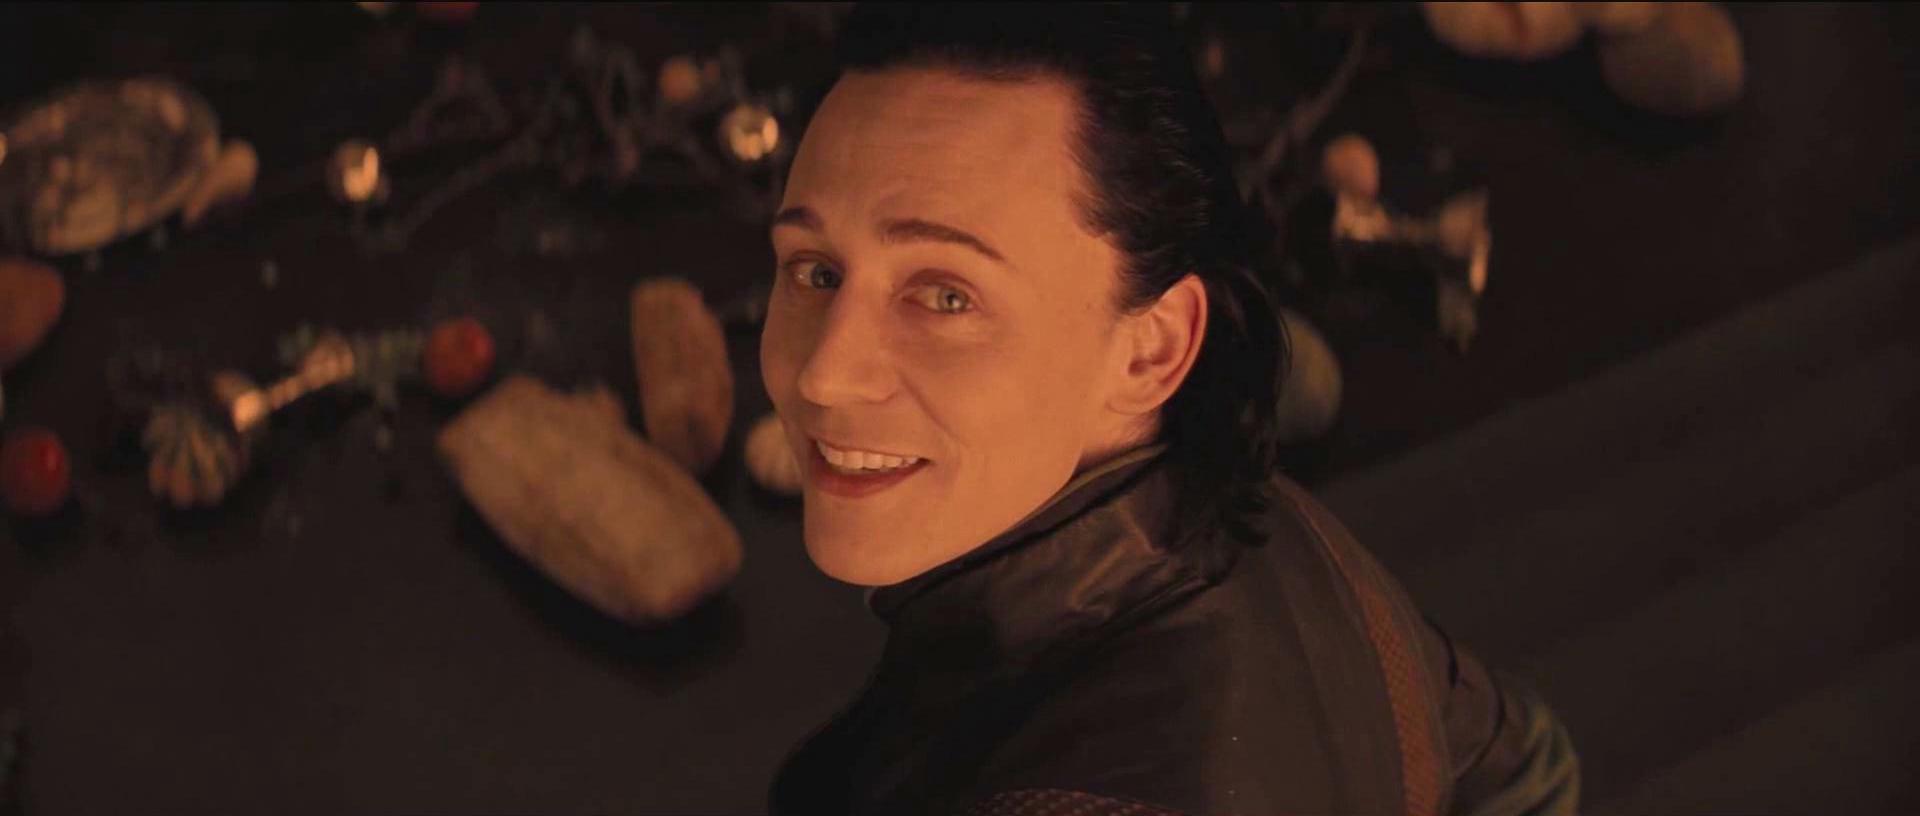 洛基扮演者图片_谁有这张电影雷神中Loki(洛基)的高清无字幕无水印大图,做 ...